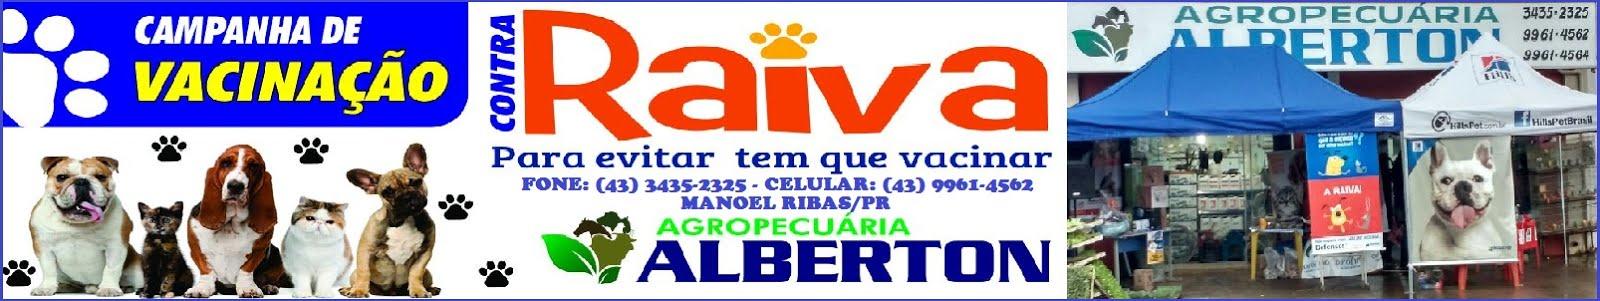 AGROPECUÁRIA ALBERTON